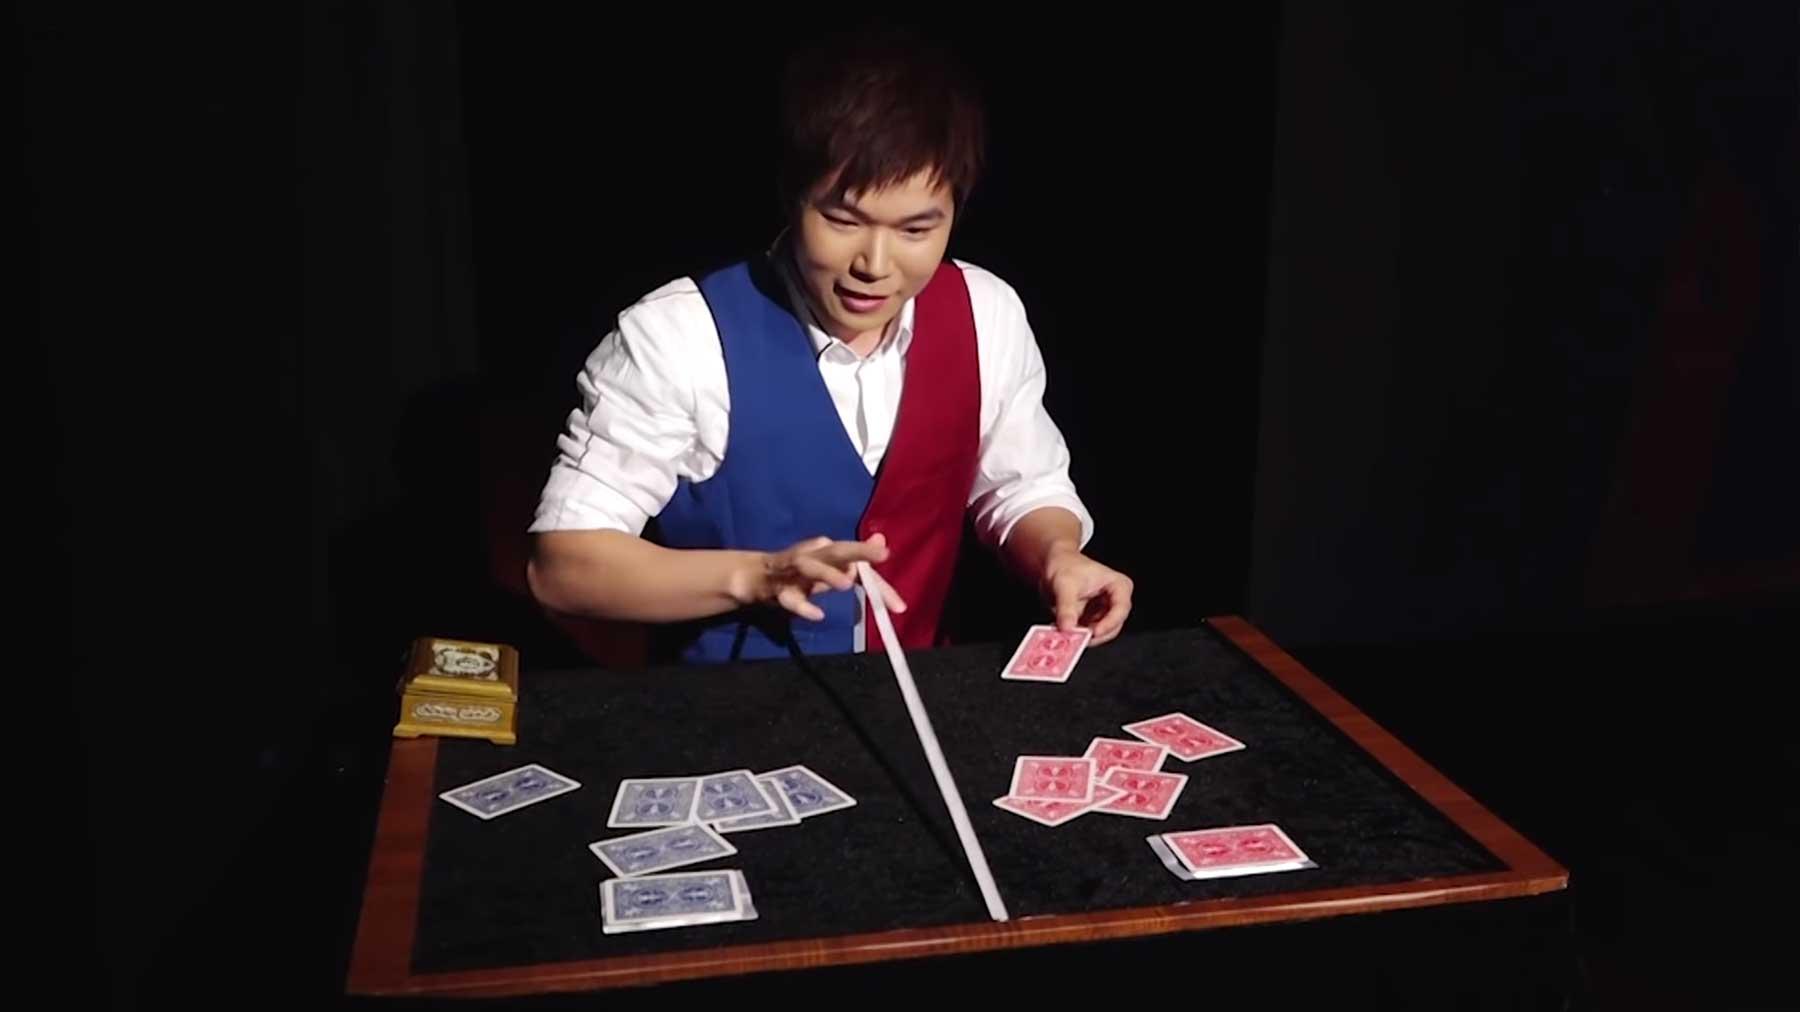 Der weltbeste Zaubertrick des Jahres 2018